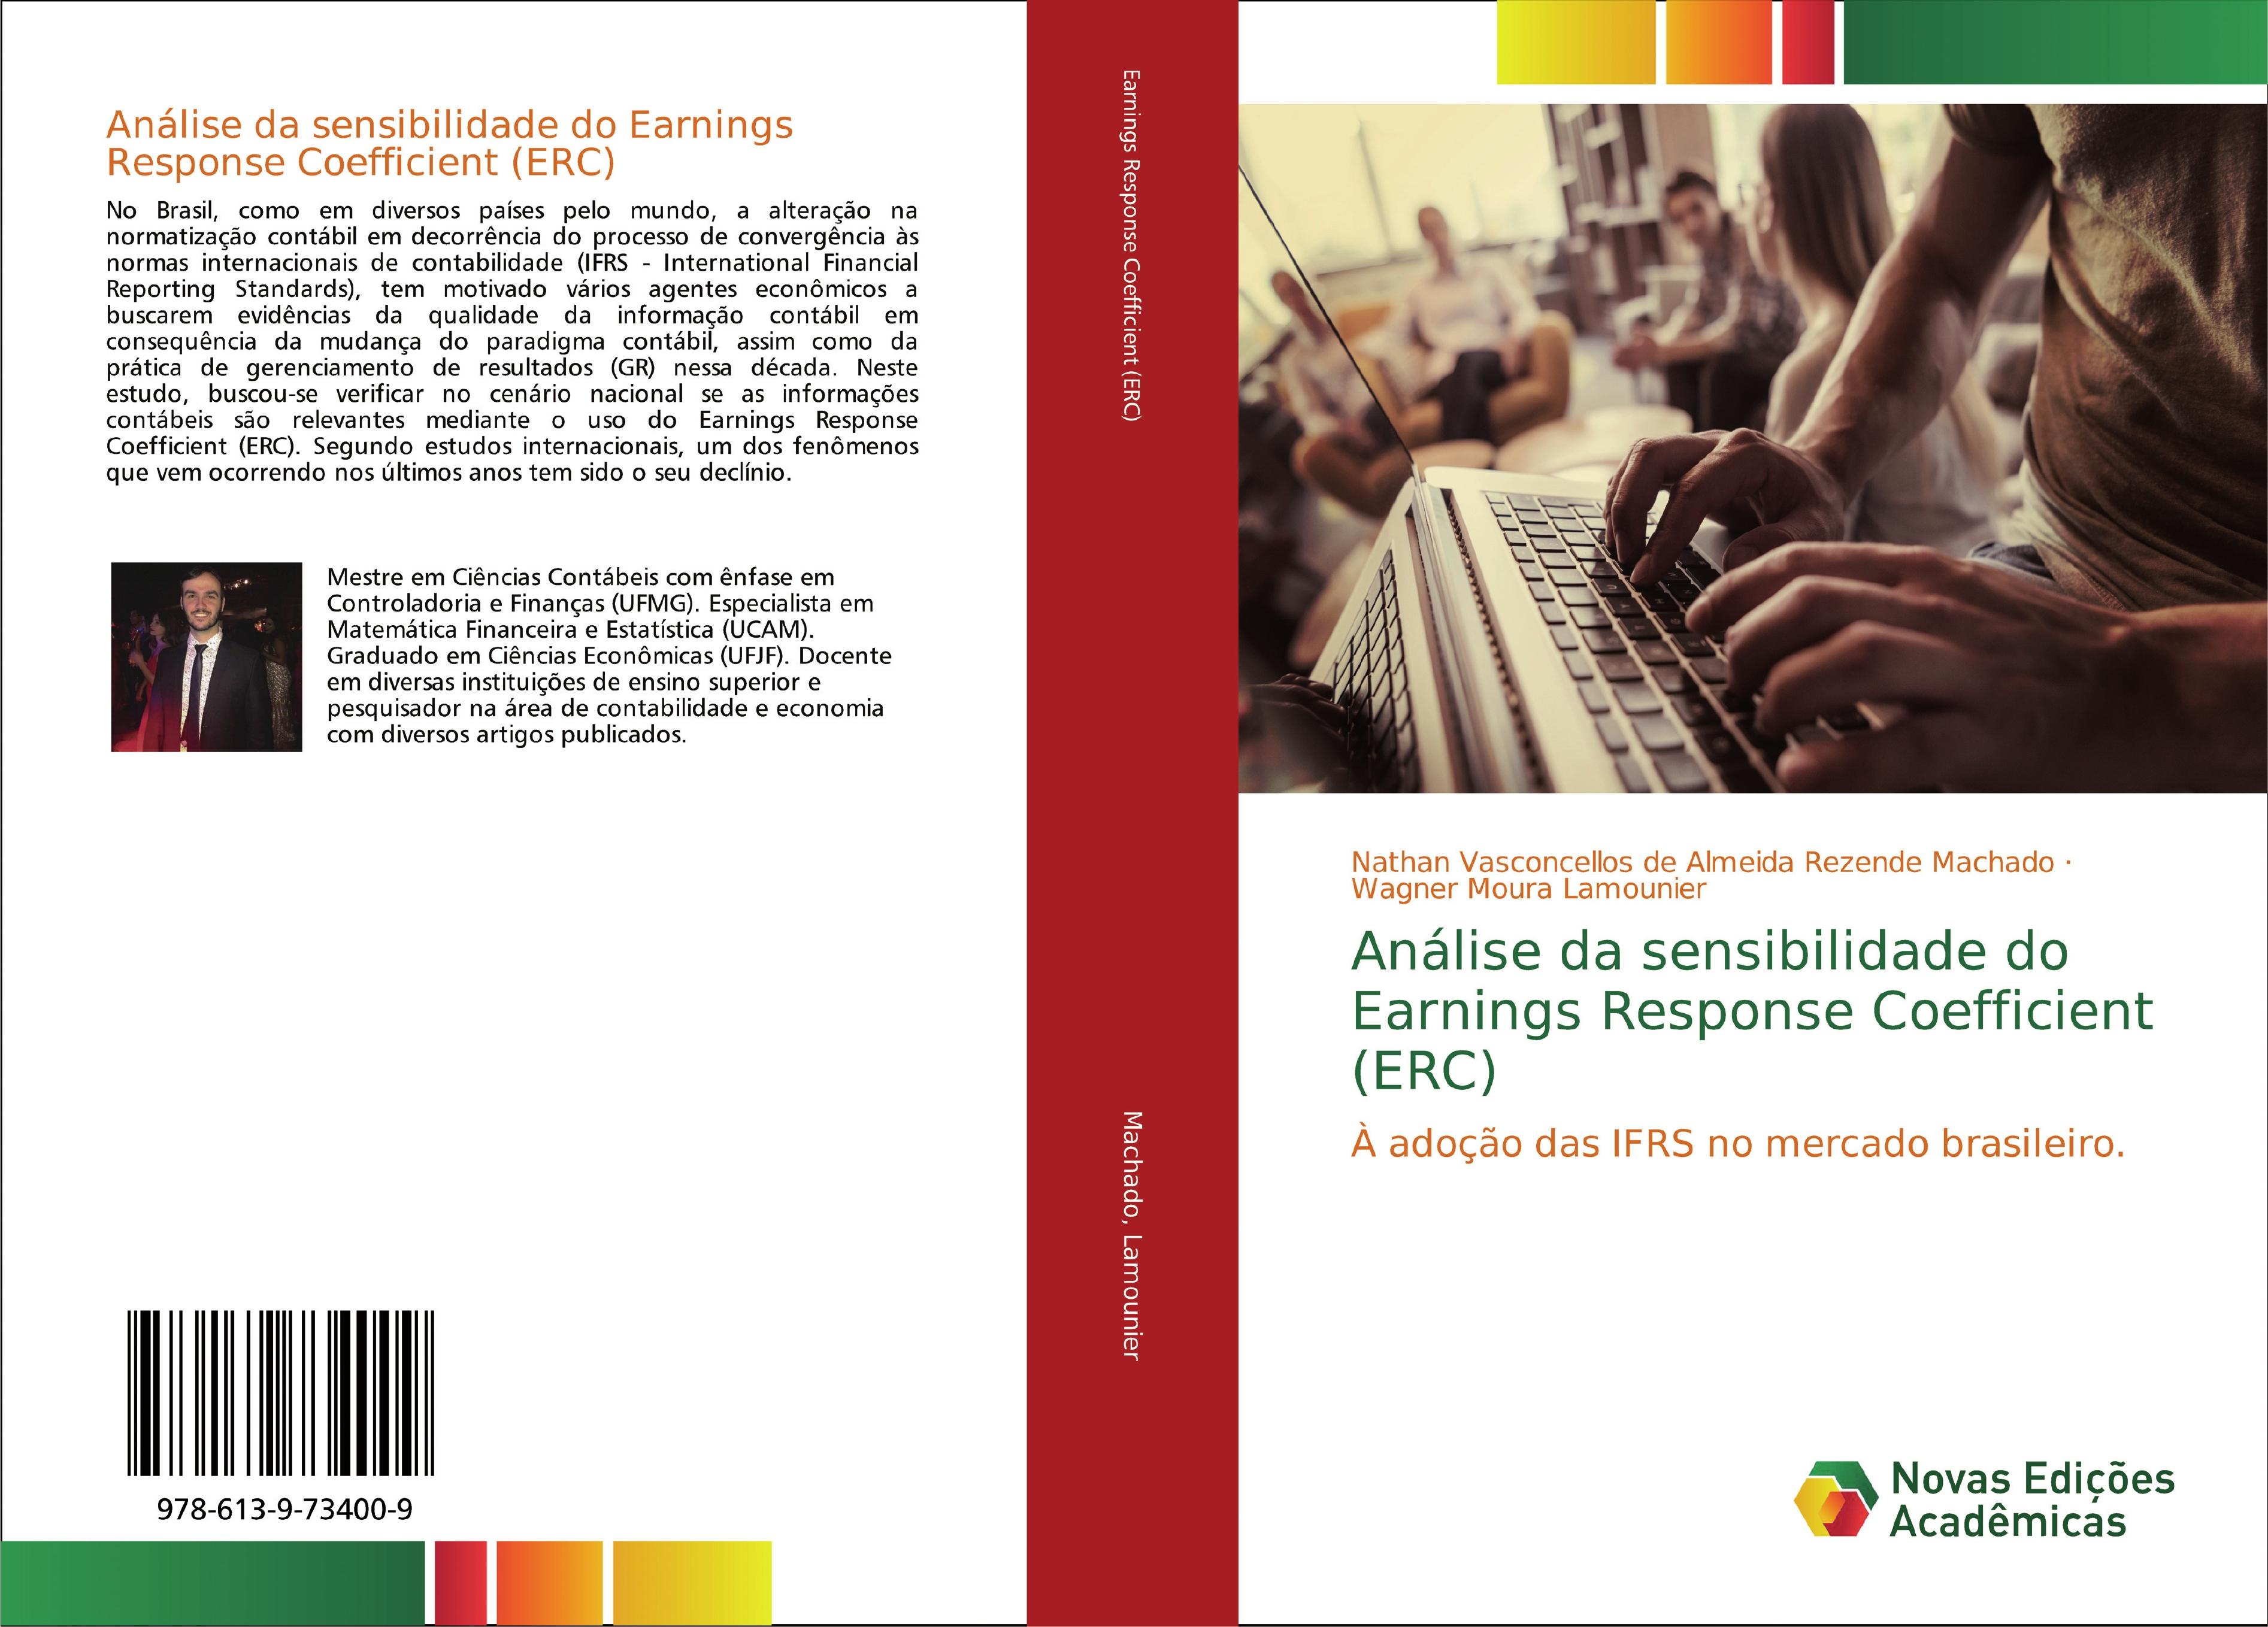 Análise da sensibilidade do Earnings Response Coefficient (ERC) - Machado, Nathan Vasconcellos de Almeida